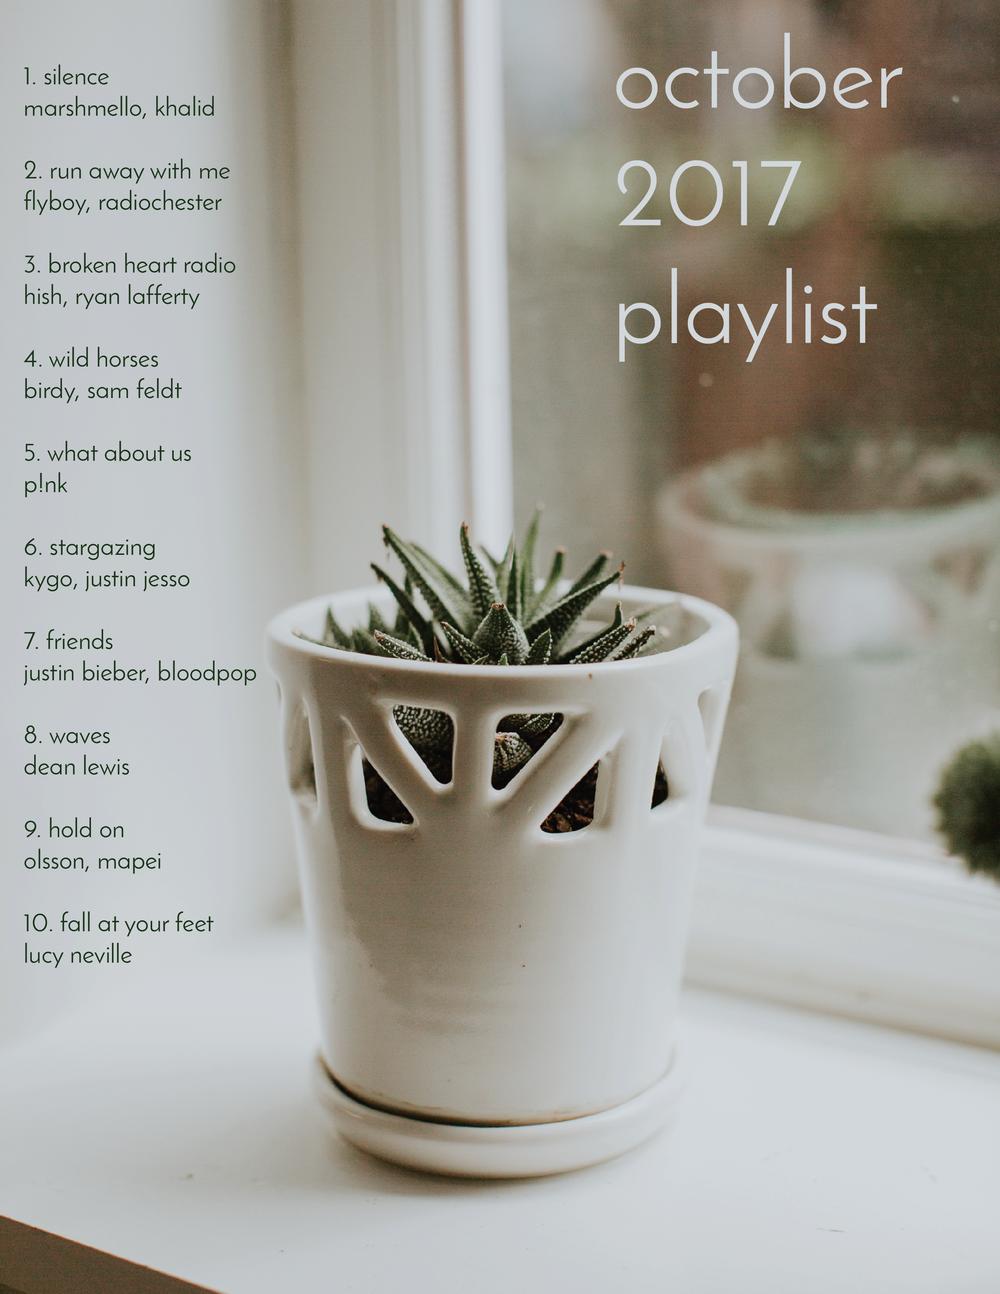 october 2017 playlist on spotify